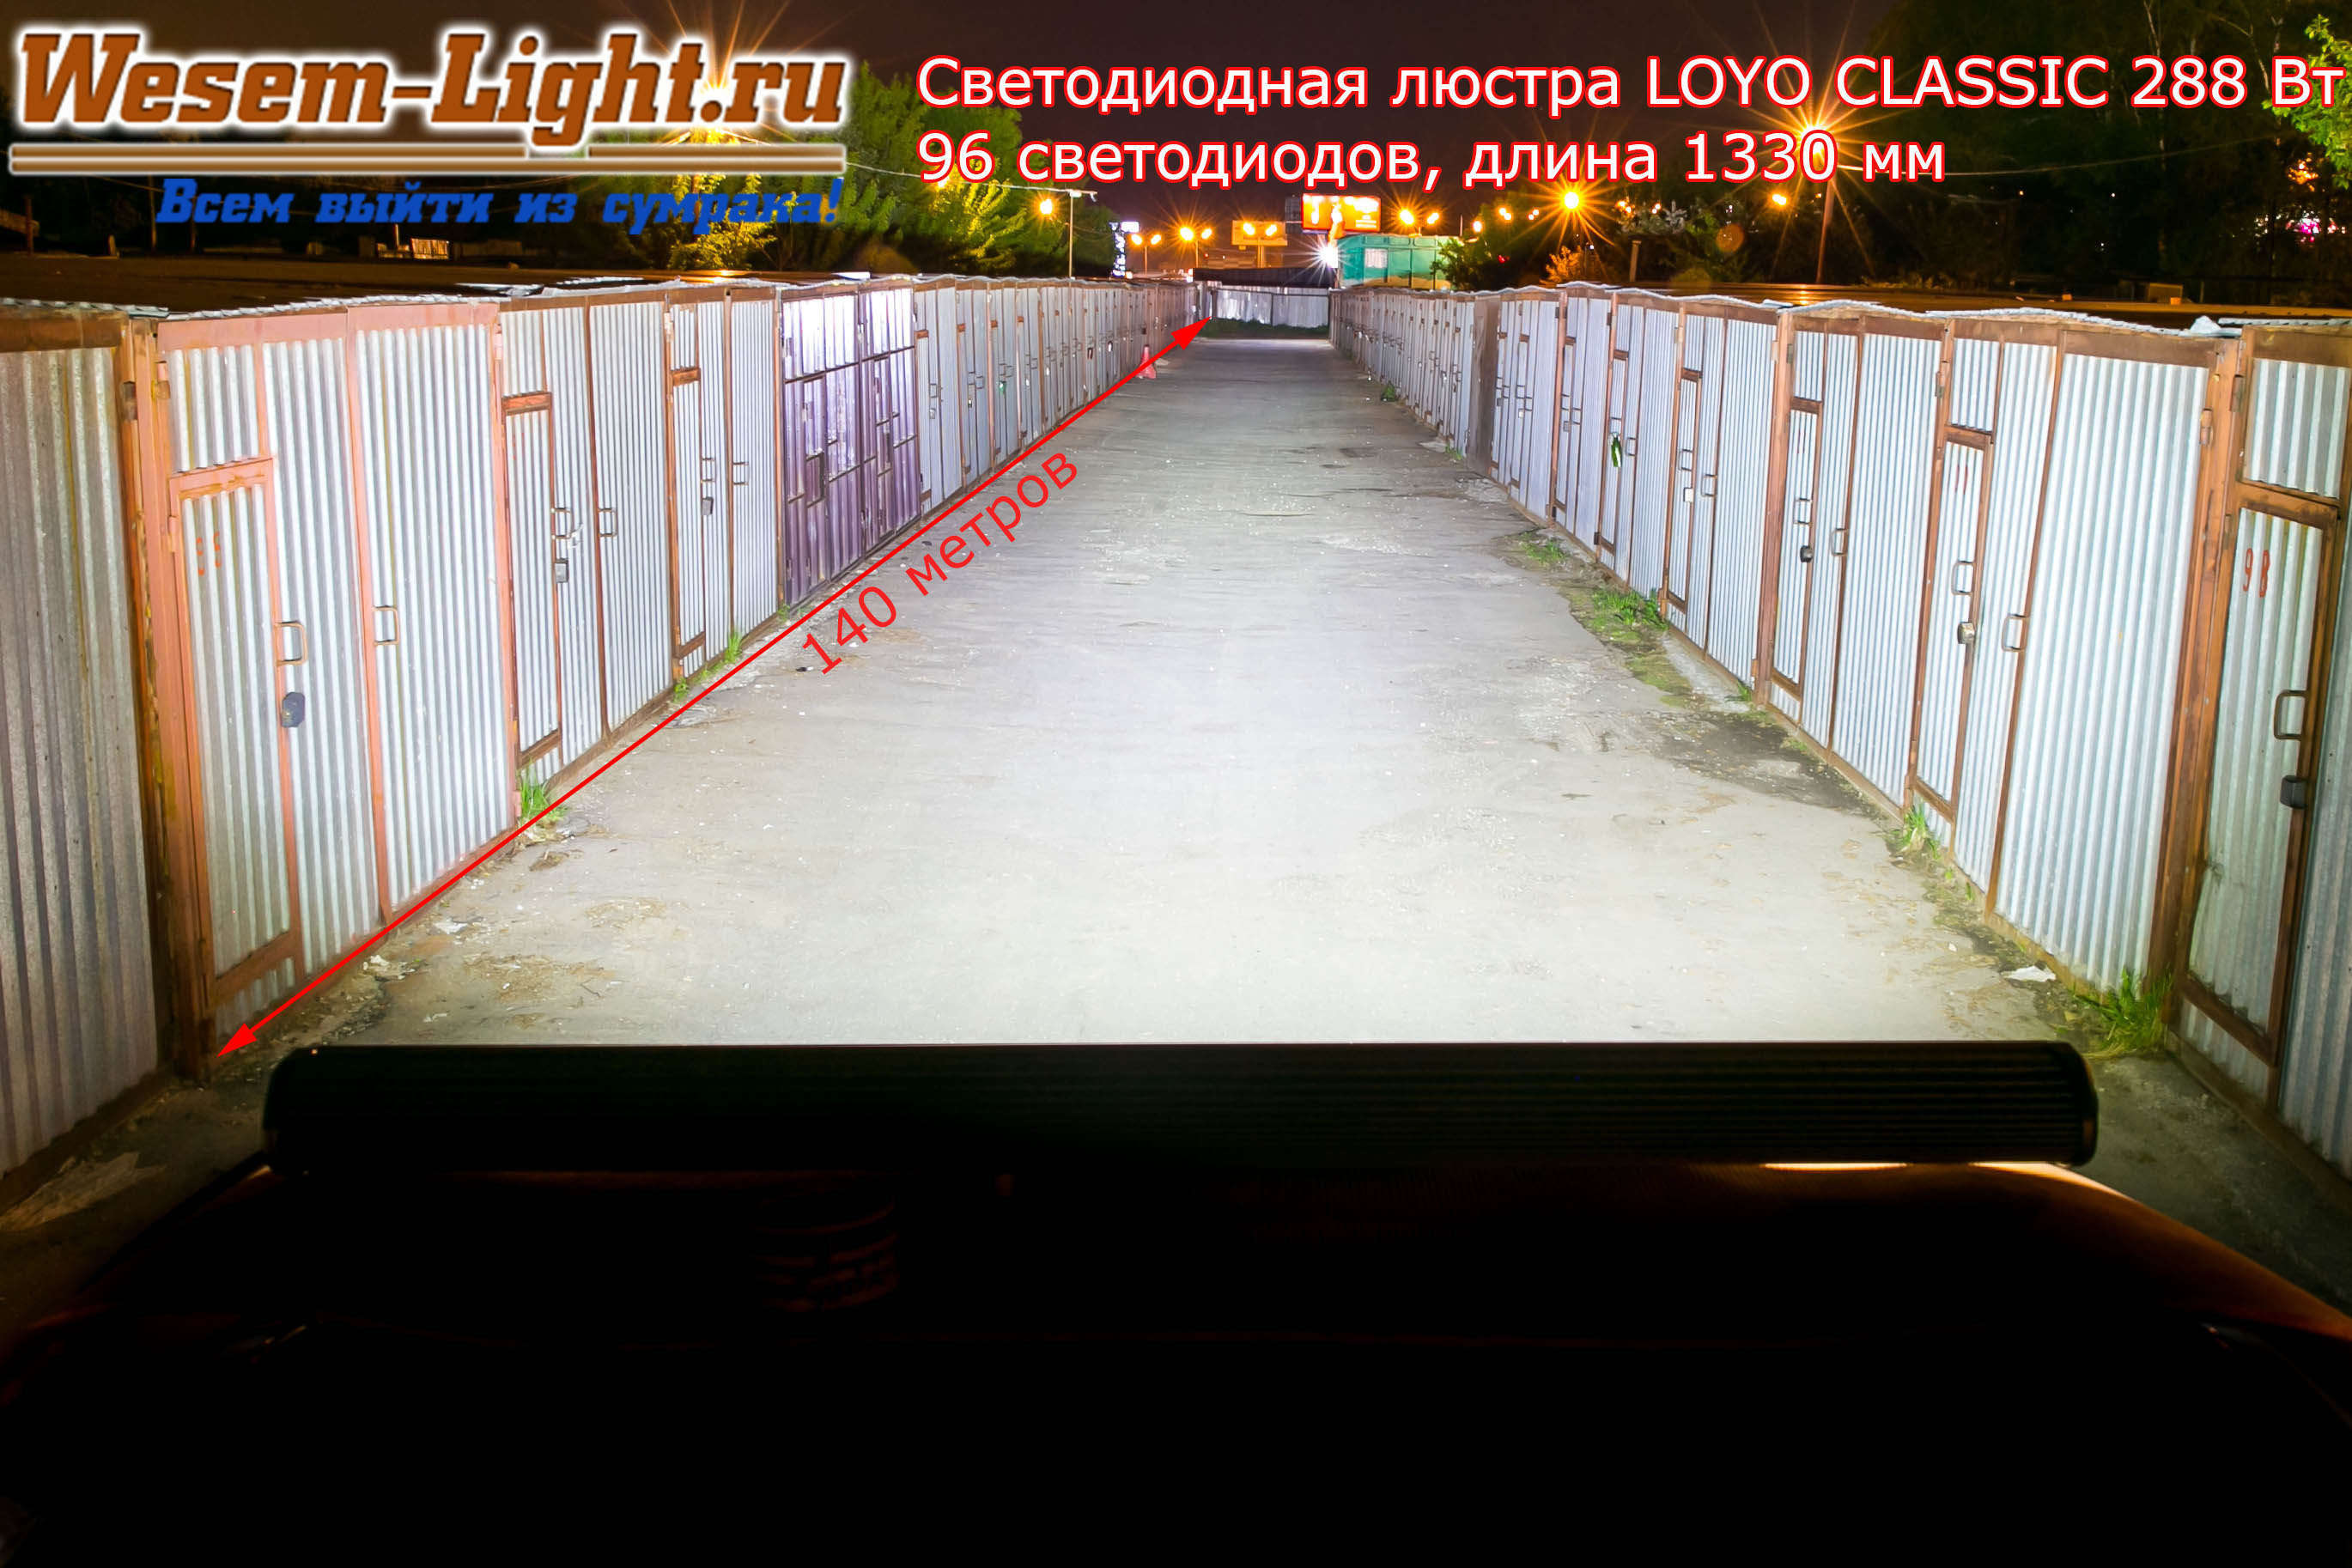 https://wesem-light.ru/wa-data/public/shop/img/LOYO-CLASSIC-280W-combo%20(2%20of%2024).jpg